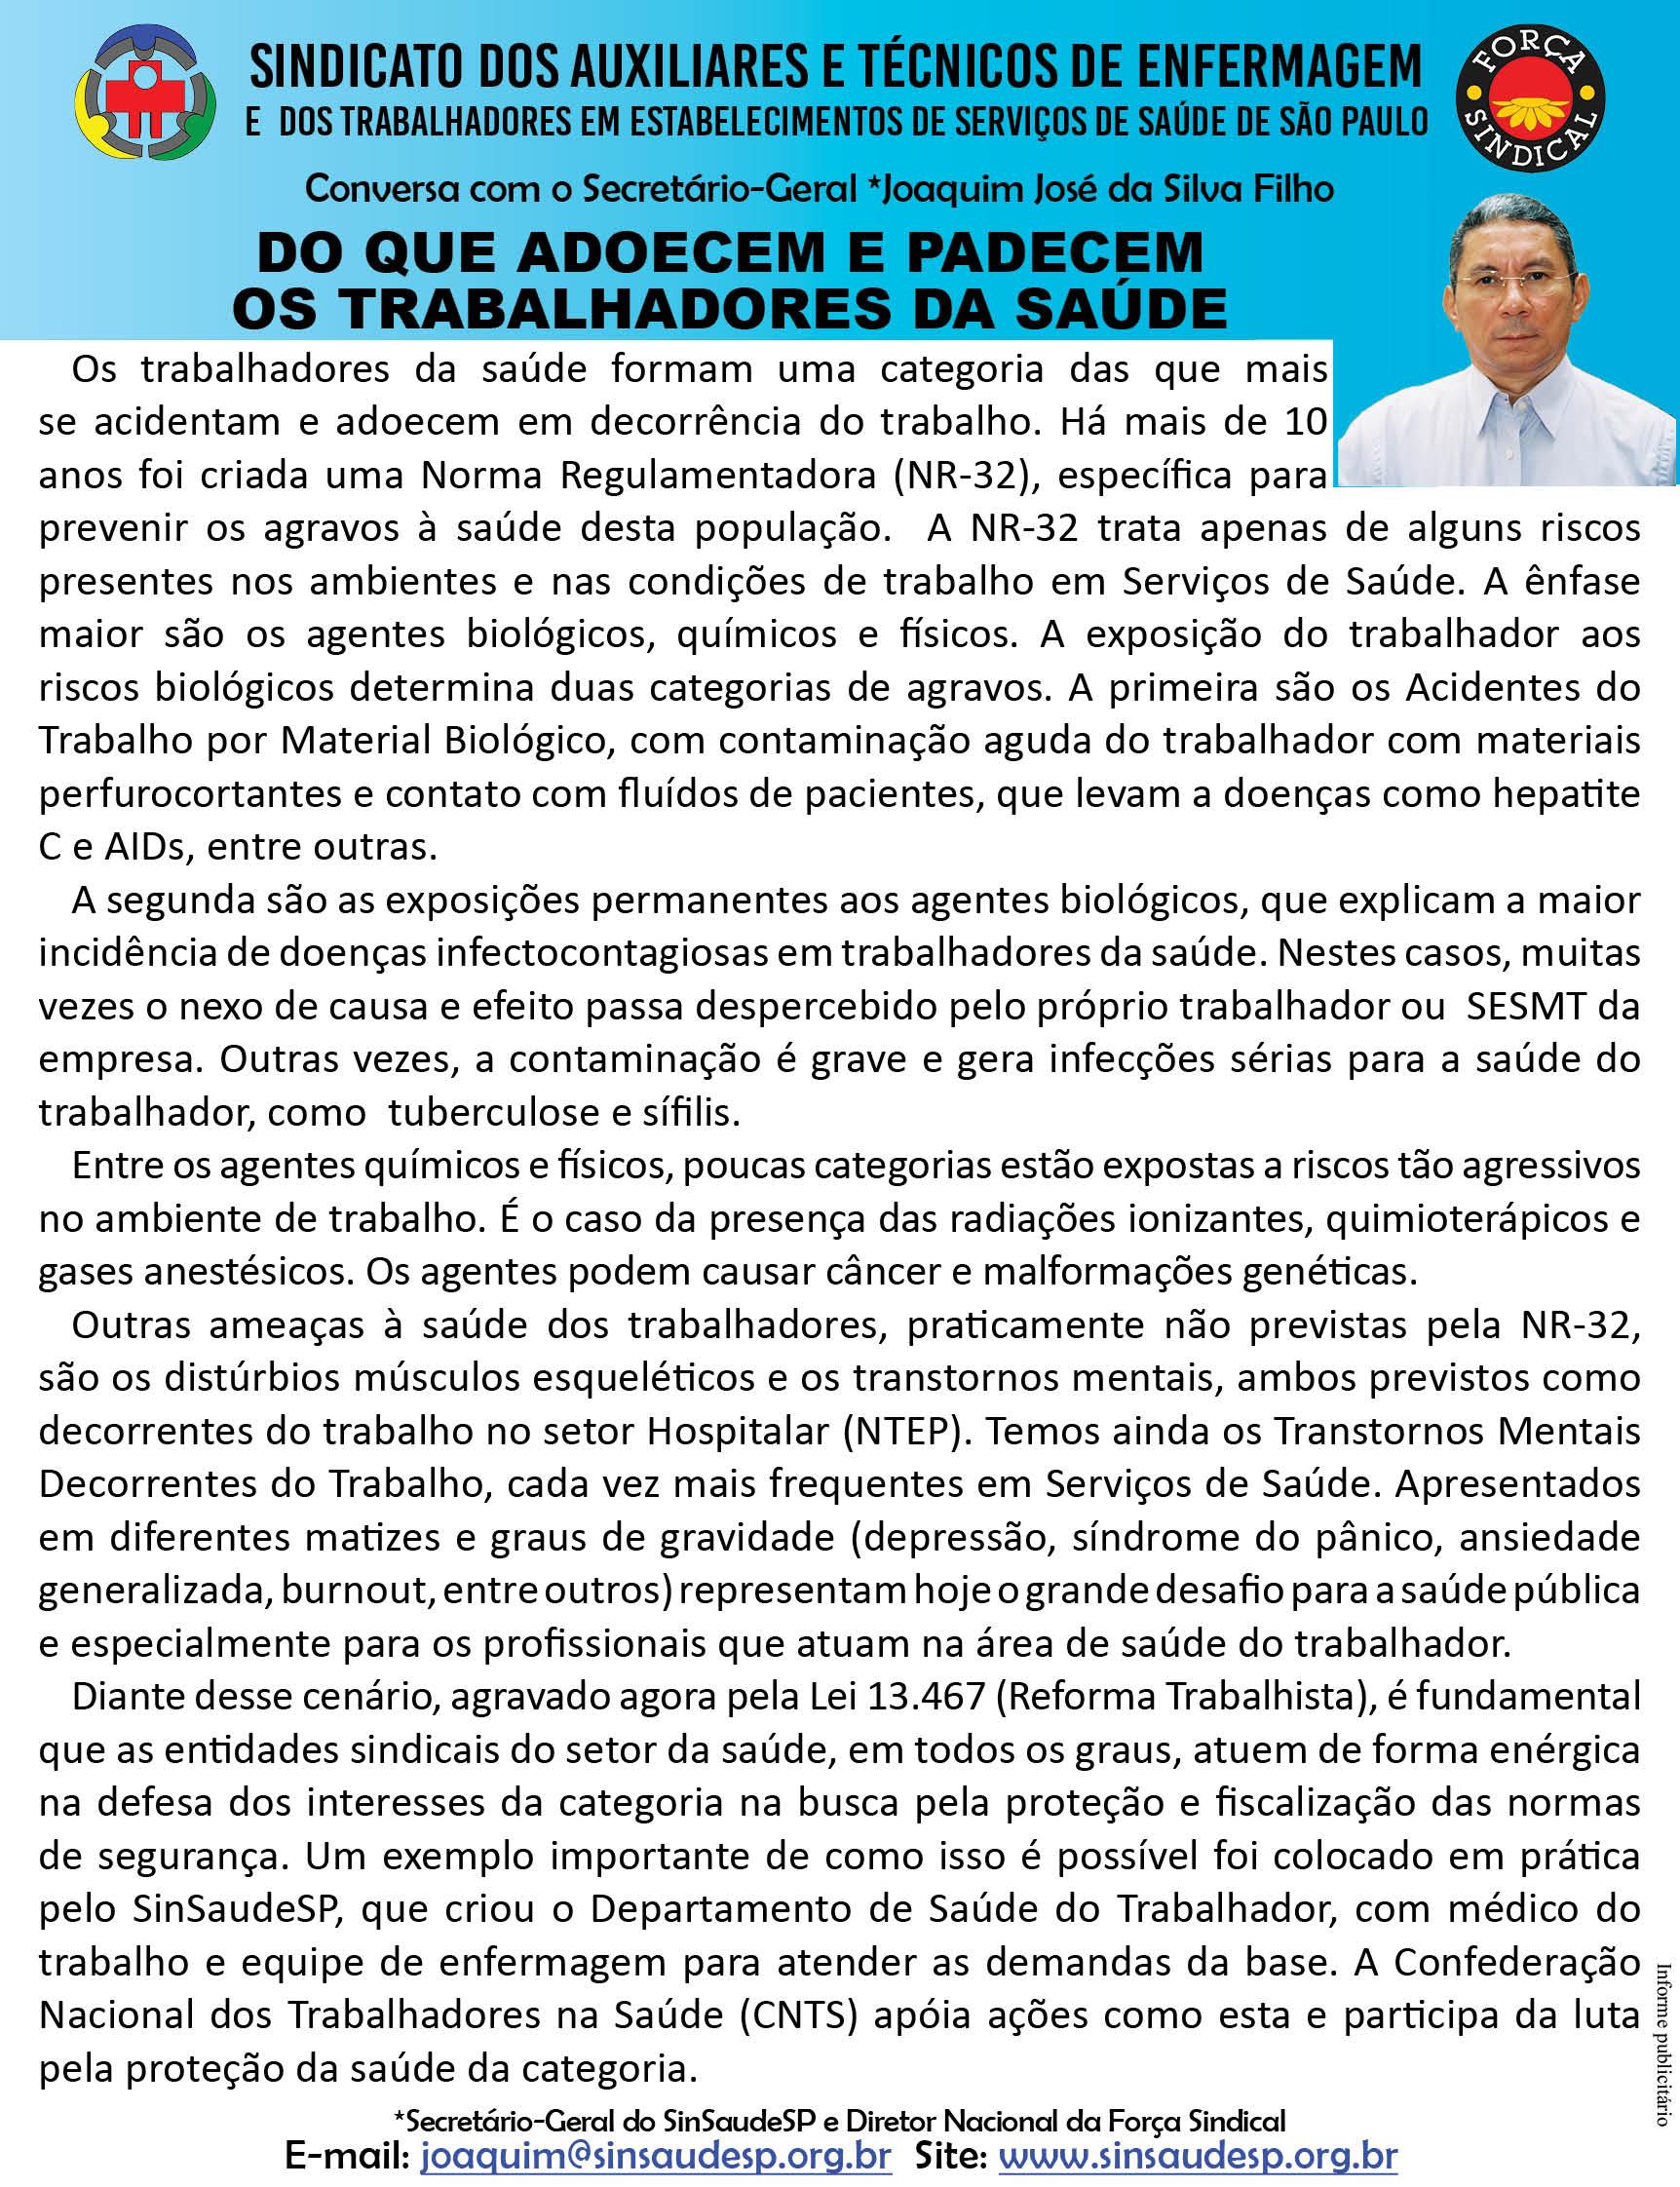 Recado 31.07 - Do que adoecem e padecem os trabalhadores da saude